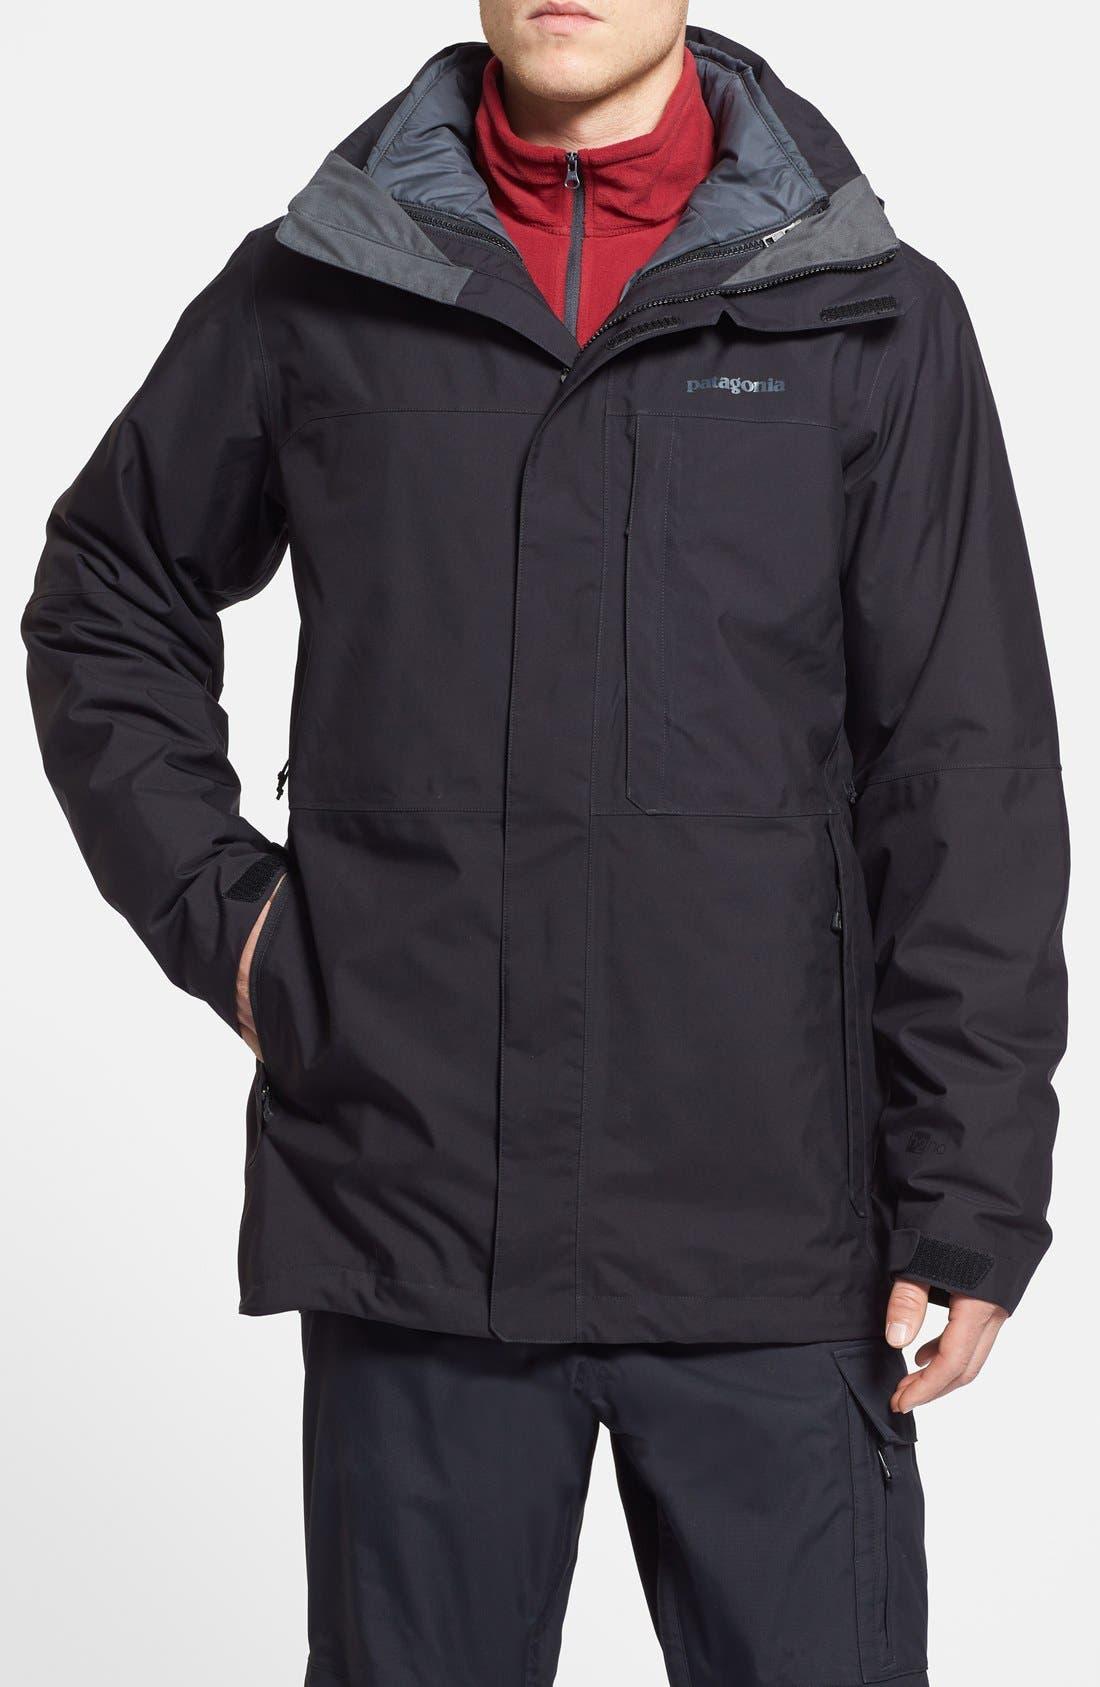 3-in-1 Snowshot Jacket,                             Main thumbnail 1, color,                             001